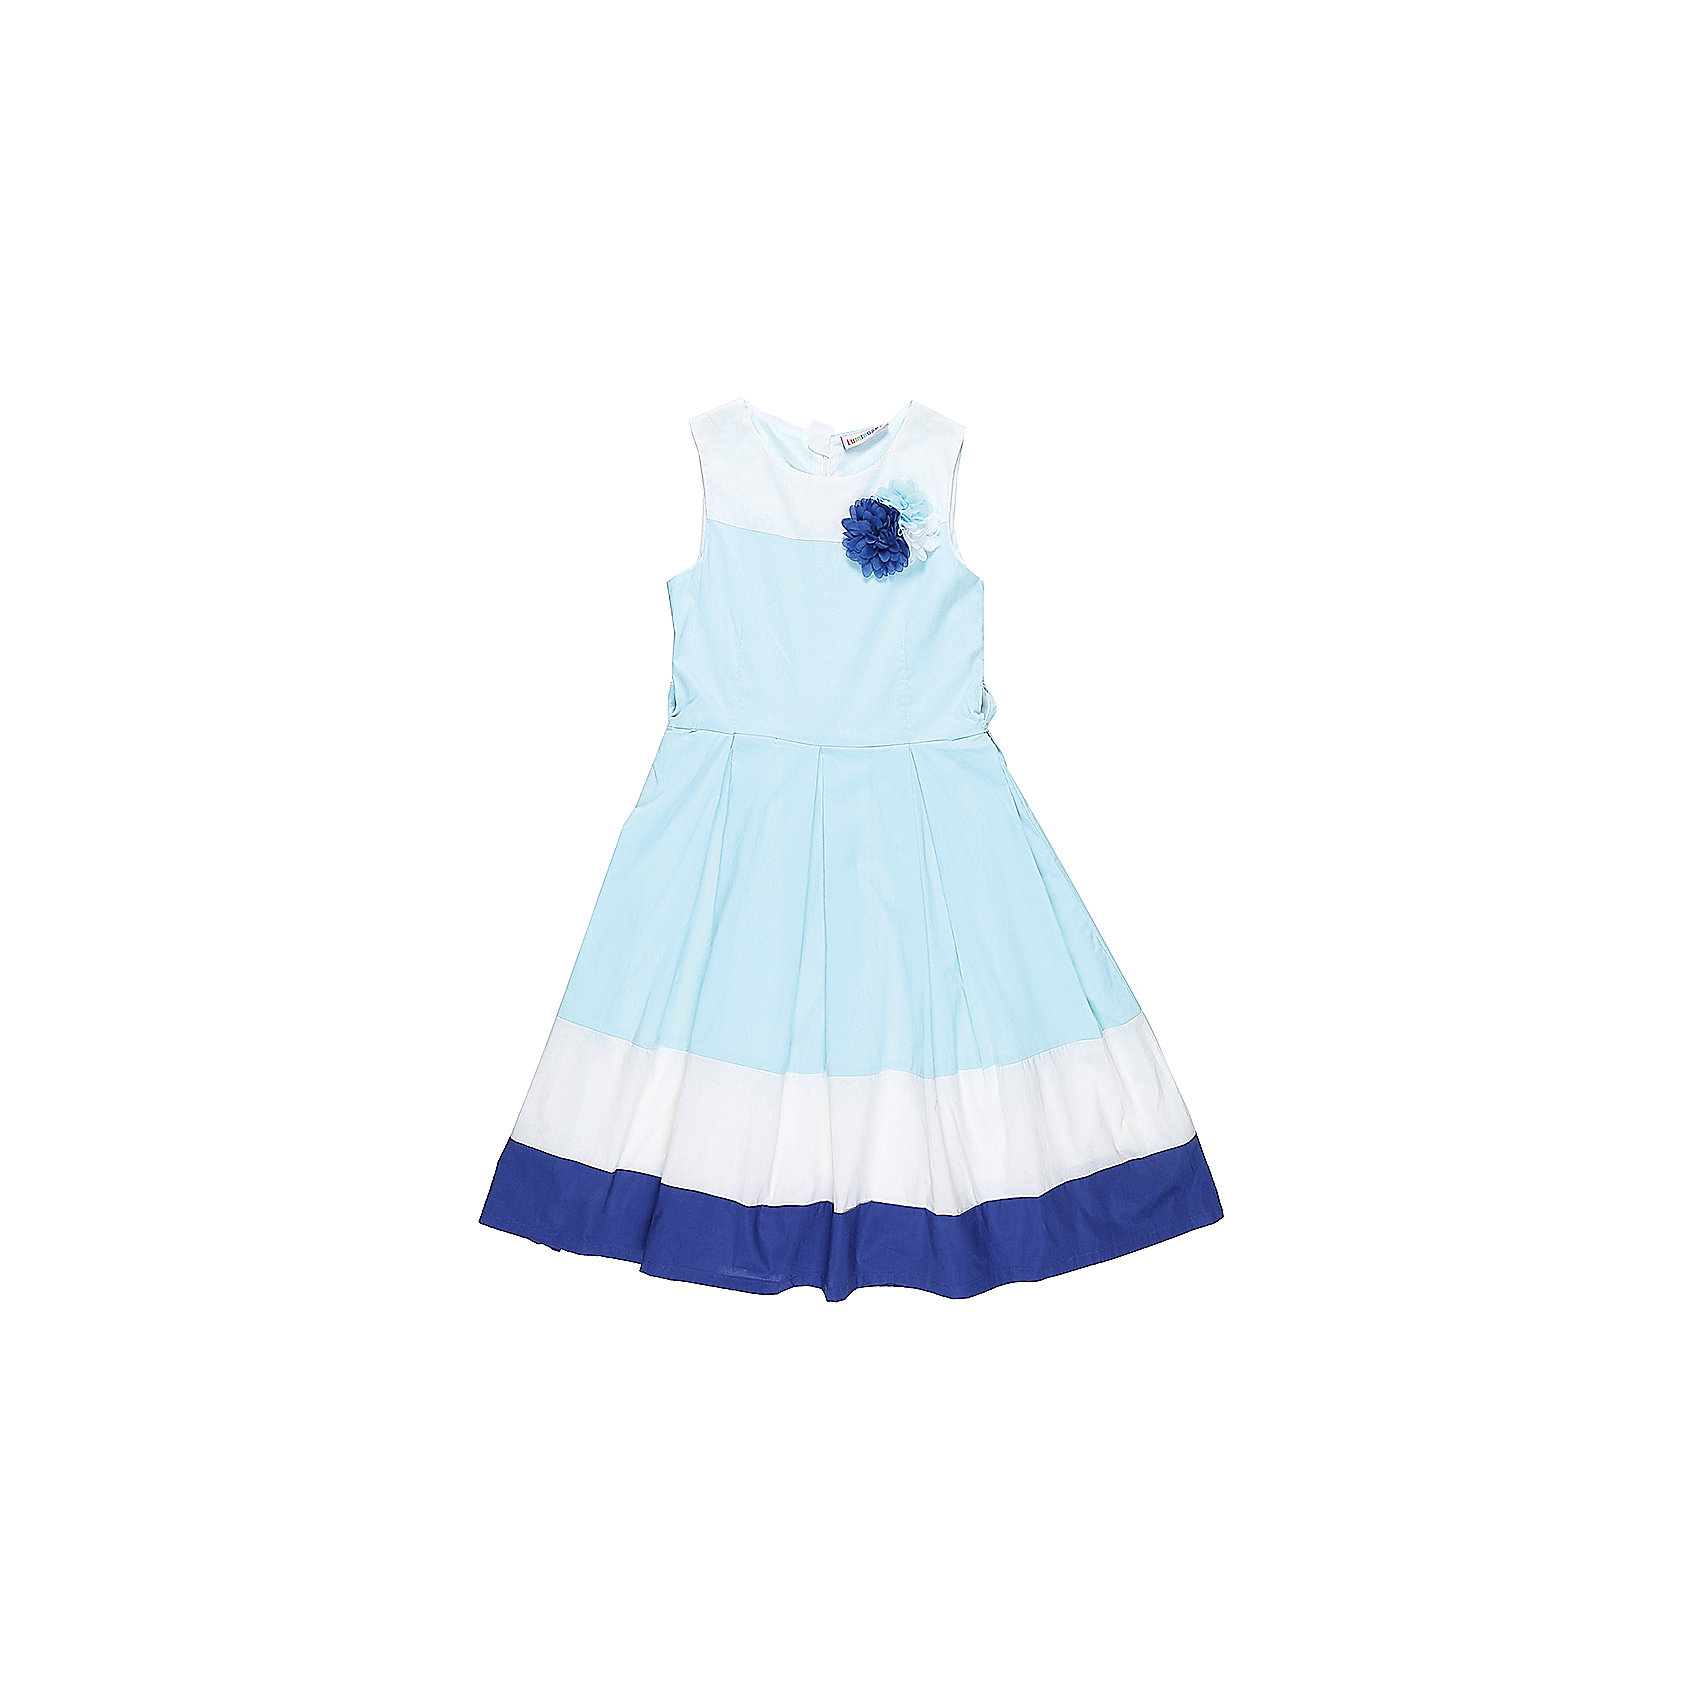 Платье для девочки LuminosoПлатья и сарафаны<br>Классическое хлопковое платье для девочки. Низ изделия декорирован контрастной тканью. Талия подчеркнута тонким пояском. Застегивается на потайную молнию на спинке. Приталенный крой.<br>Состав:<br>Верх: 100% хлопок, Подкладка: 100%хлопок<br><br>Ширина мм: 236<br>Глубина мм: 16<br>Высота мм: 184<br>Вес г: 177<br>Цвет: белый<br>Возраст от месяцев: 144<br>Возраст до месяцев: 156<br>Пол: Женский<br>Возраст: Детский<br>Размер: 158,164,134,140,146,152<br>SKU: 5413136